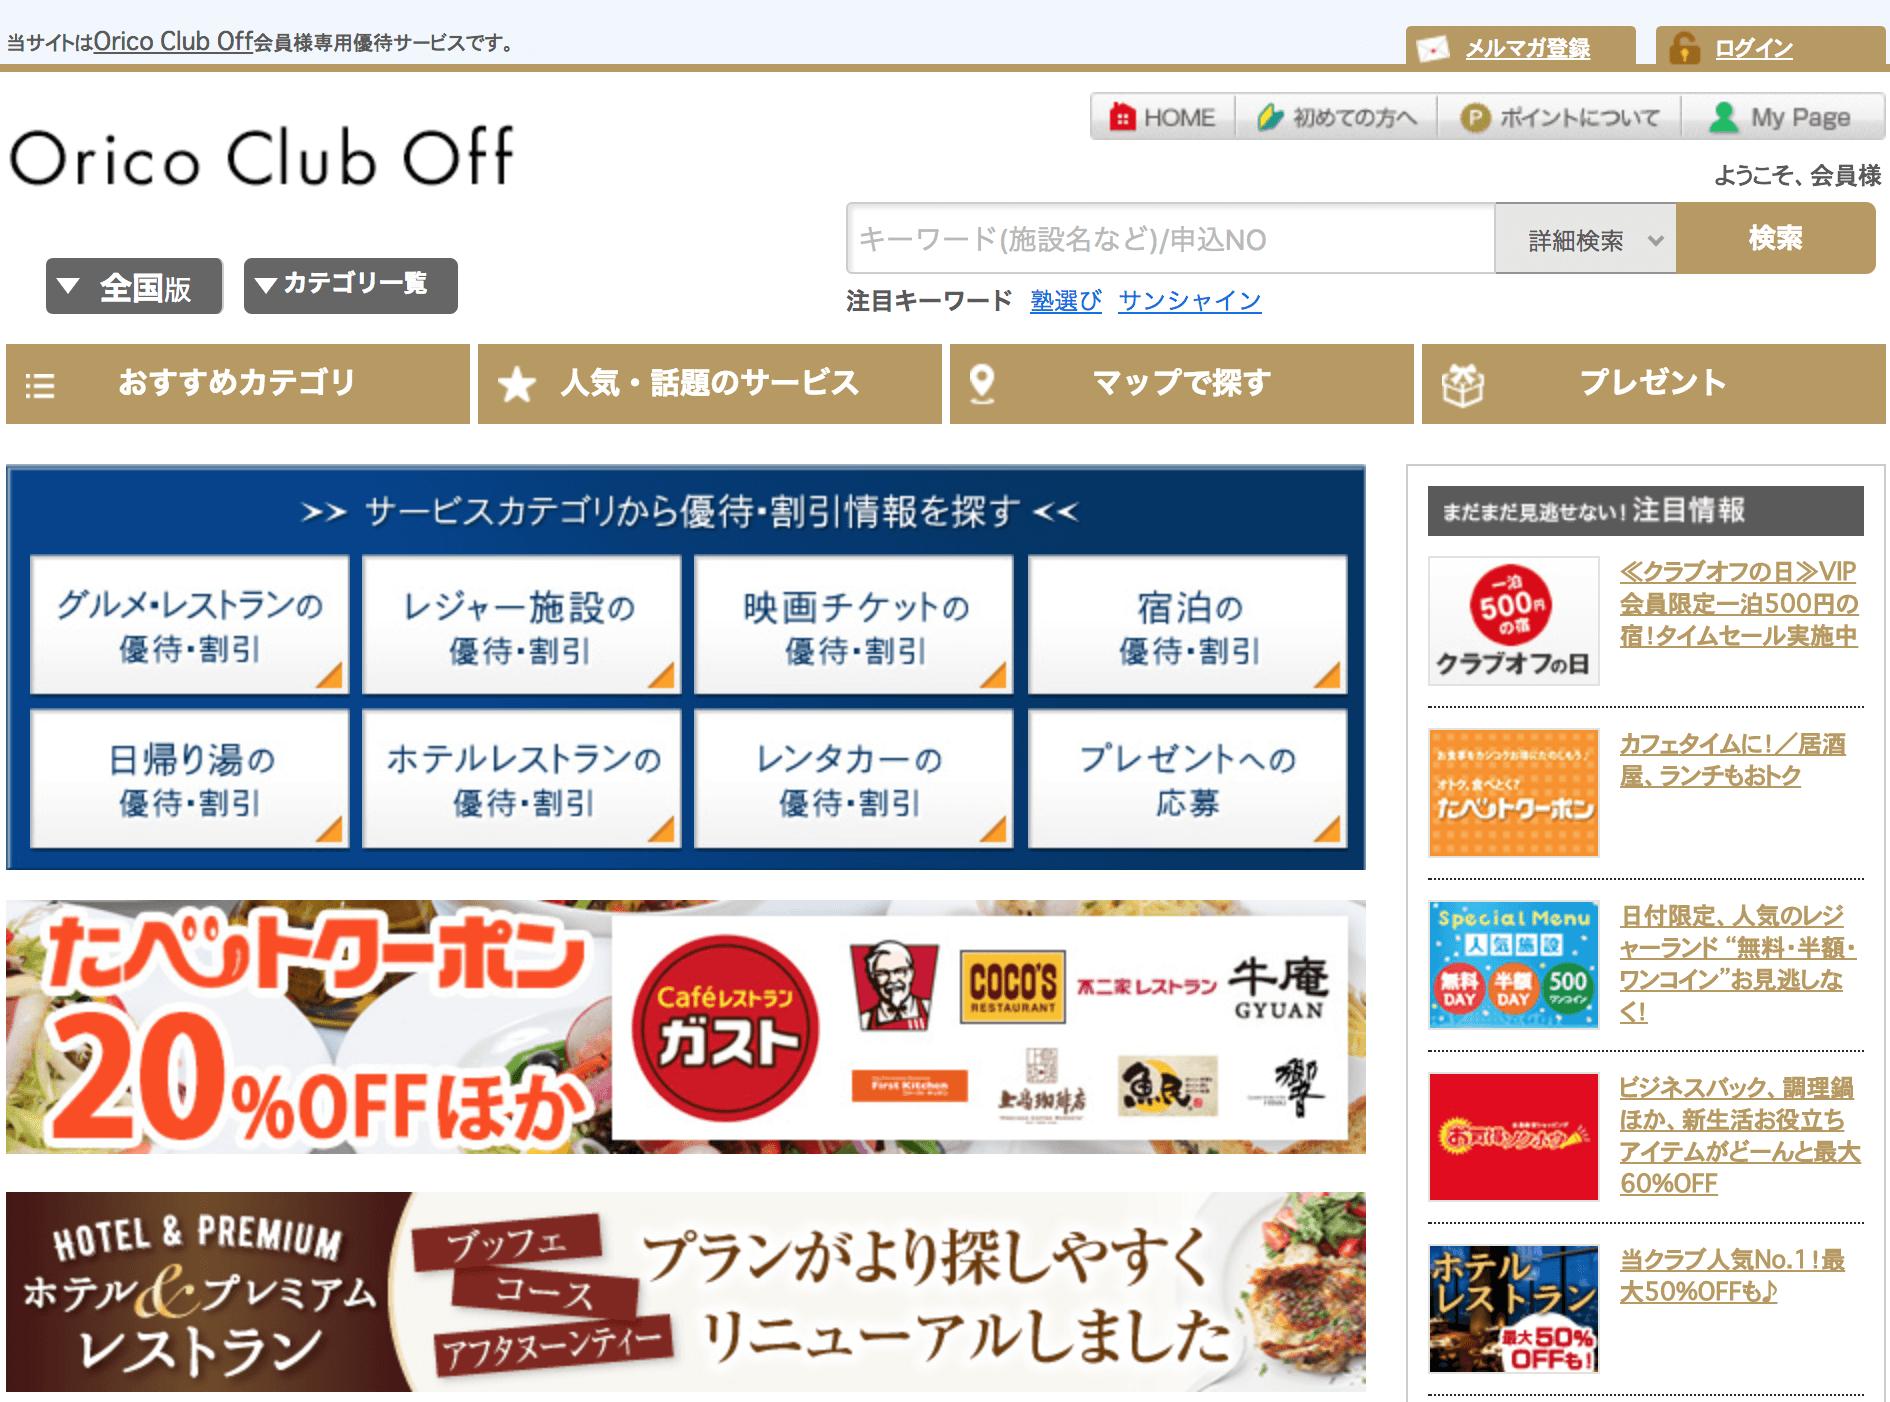 Orico Club Off